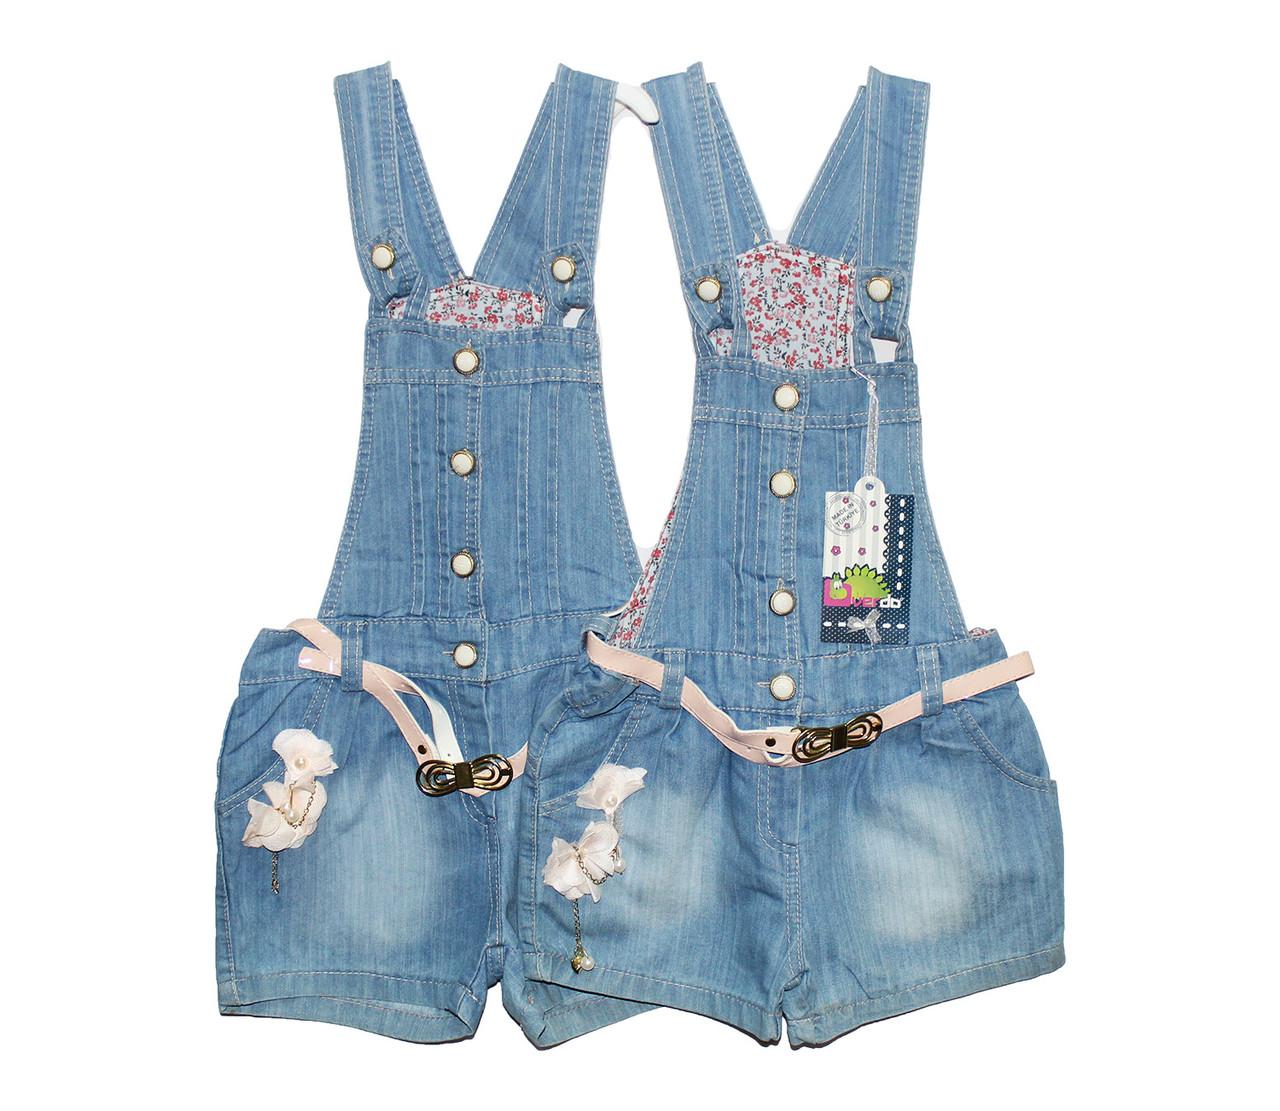 Сарафан-шорты детский джинсовый Overdo 2619